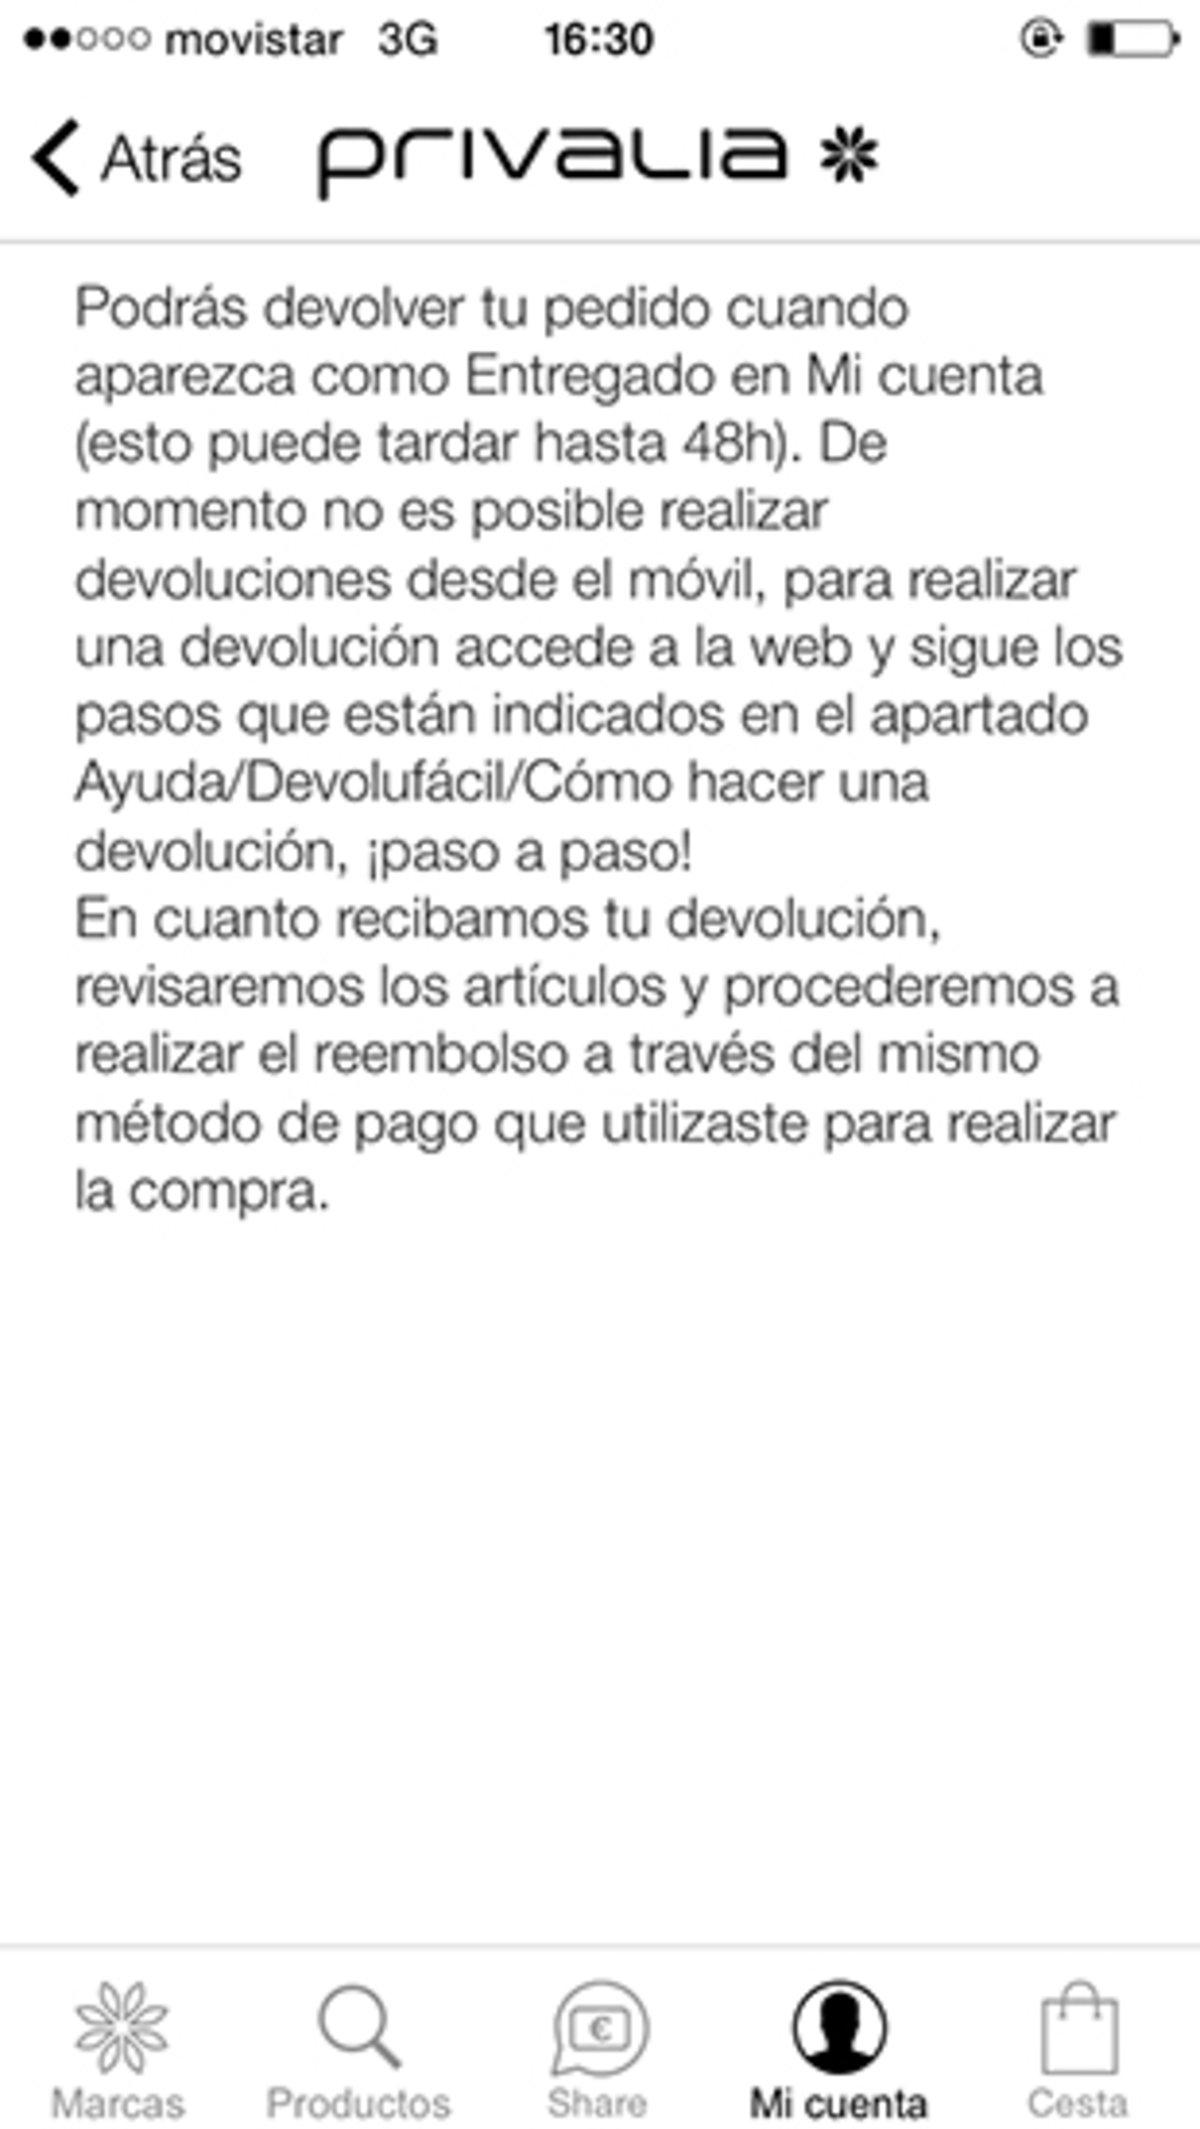 privalia-descuentos-iphone-ipad-7